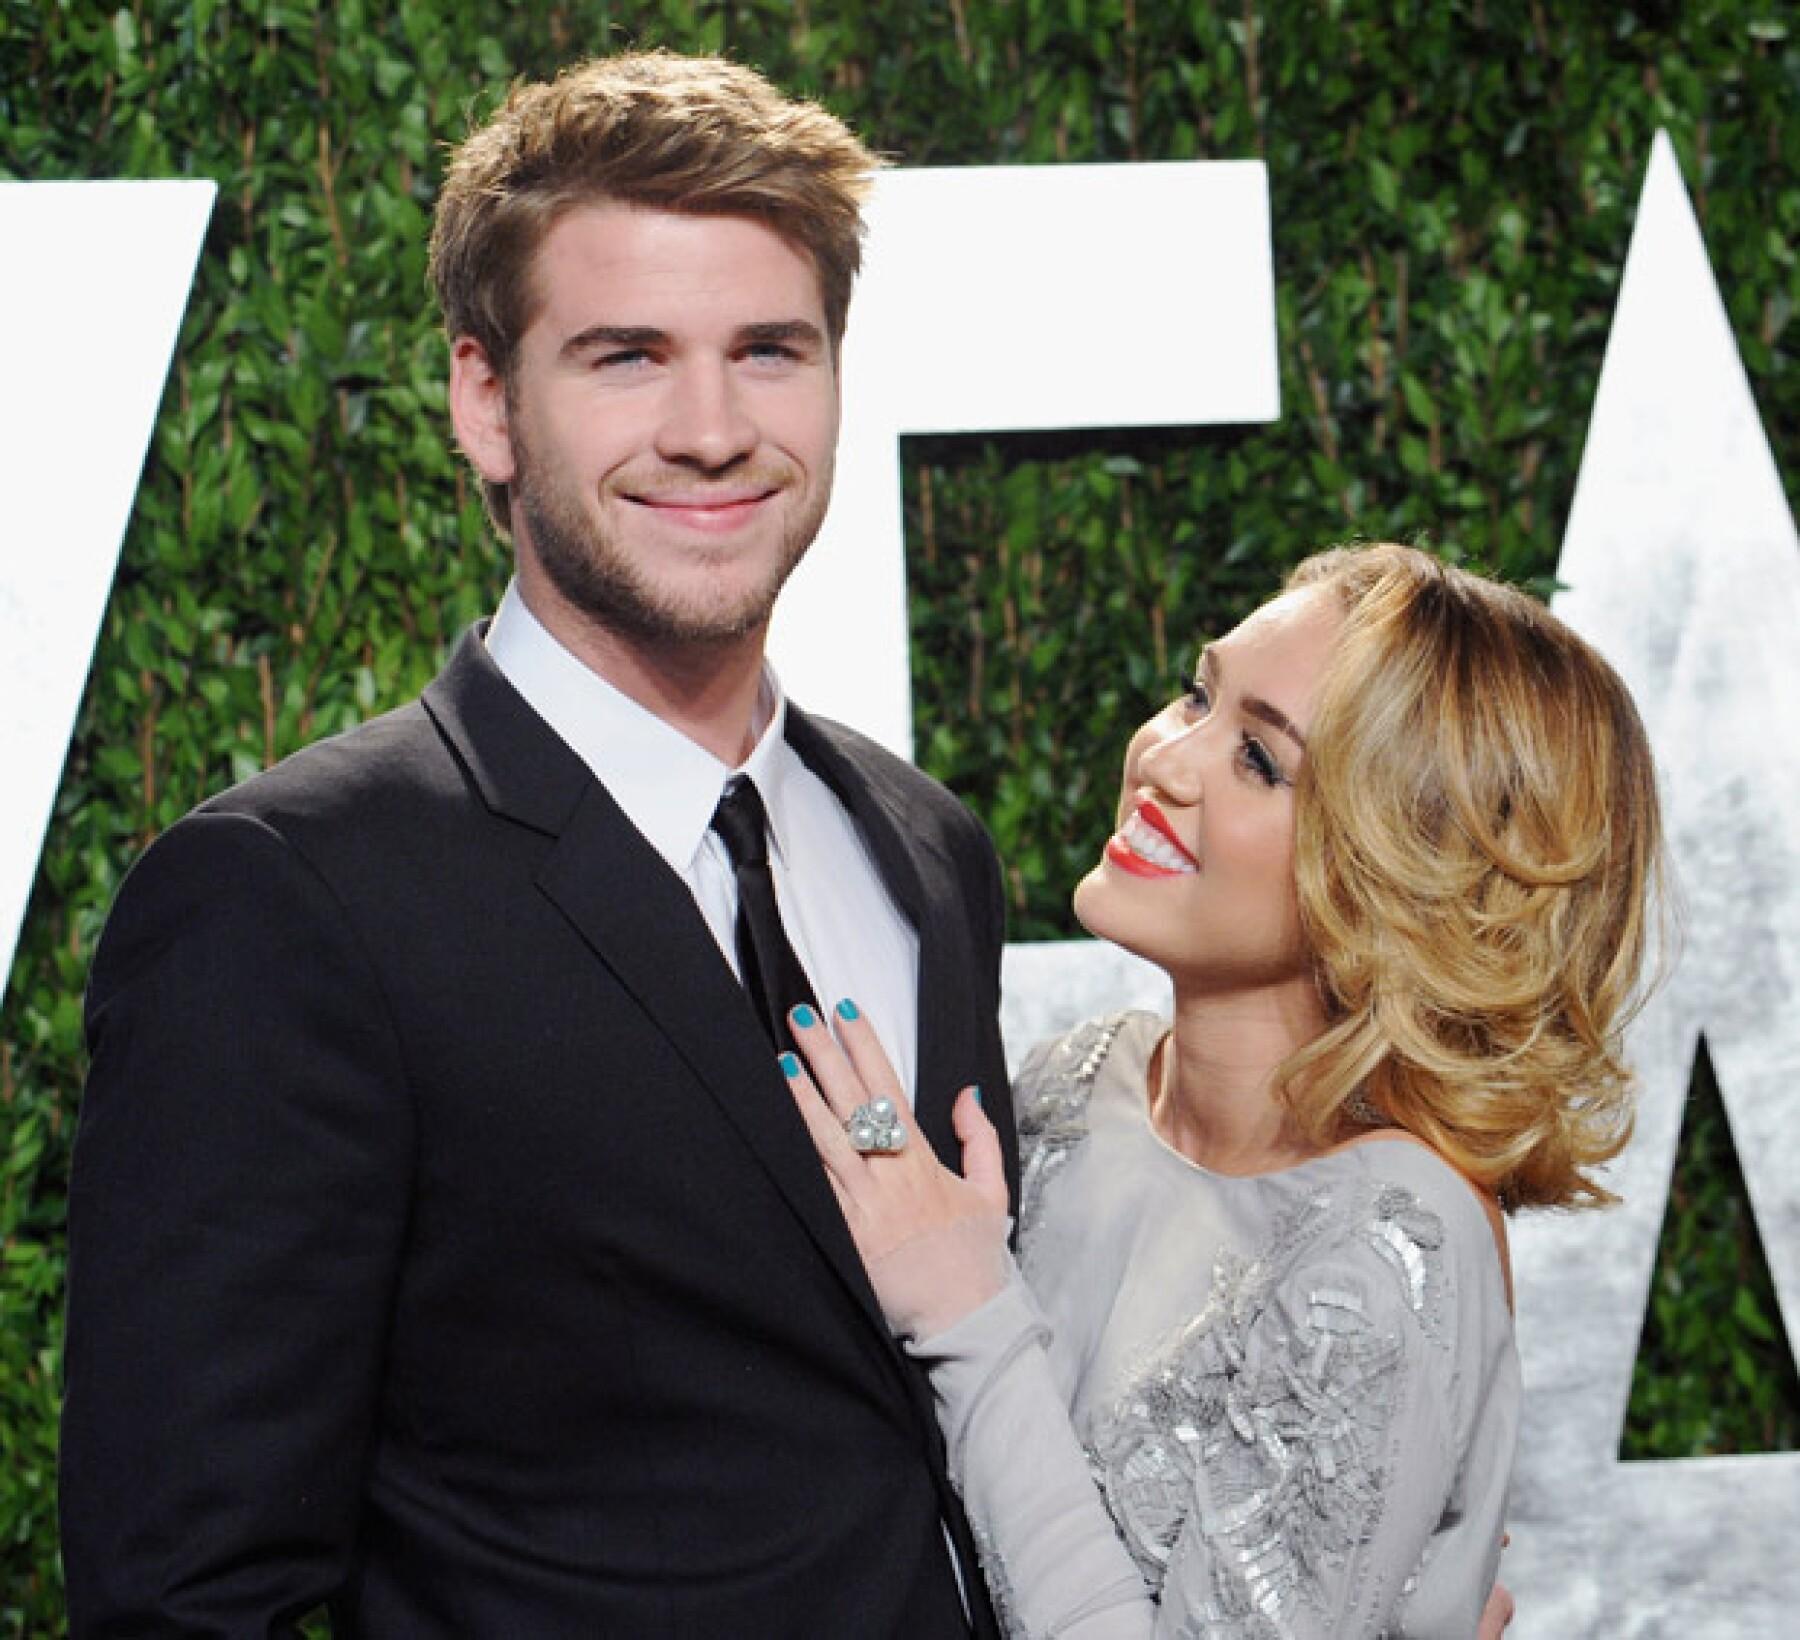 La relación de Miley y Liam ha sido muy criticada, especialmente porque los fans piensan que ella no es suficiente para él.